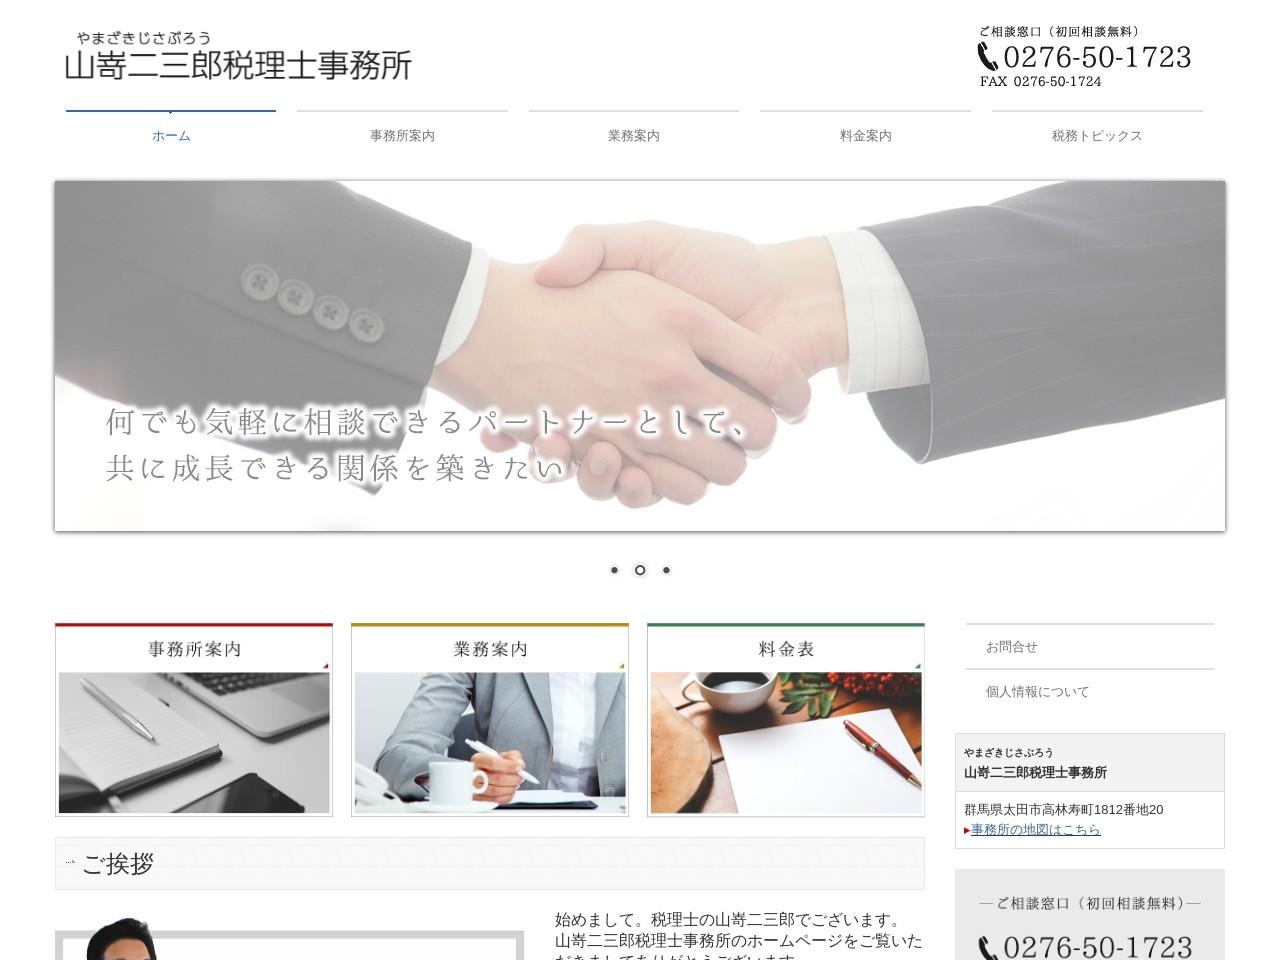 山嵜二三郎税理士事務所